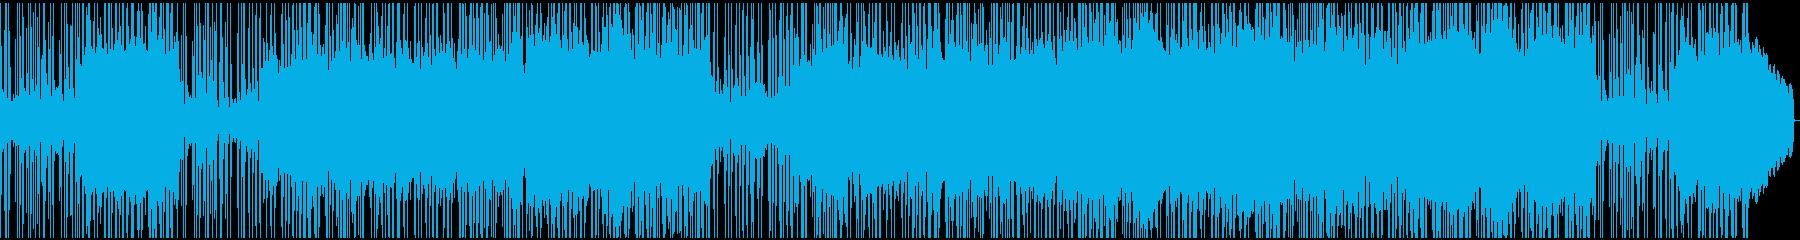 ファンキーなビートの効いたポップスの再生済みの波形